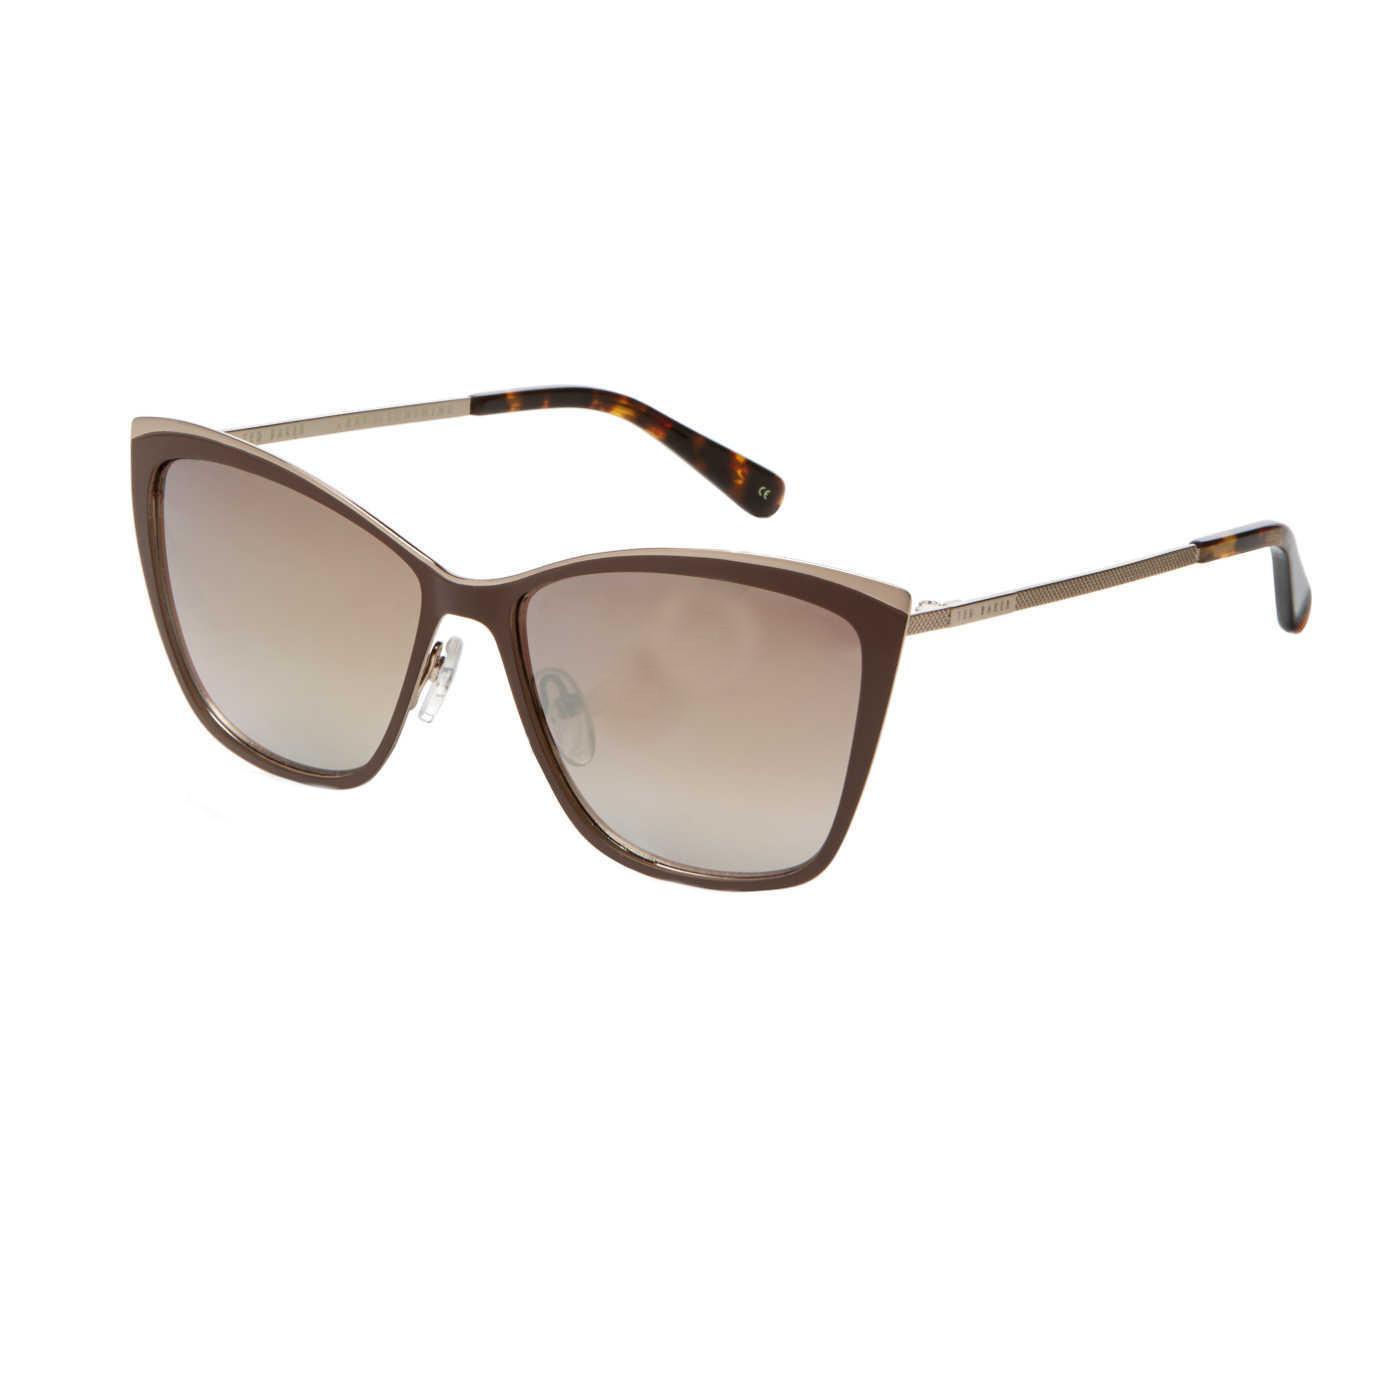 Artikel klicken und genauer betrachten! - Kauf die Ted Baker Adella Brown/Gold Sonnenbrille TB1465 195 56 Sonnenbrille online in unserem webshop. Dies ist eine Damen-Sonnenbrille. Die Farbe des Gestells der Sonnebrille ist Braun und die Gläser sind . Die Ted Baker Sonnenbrillen sinds echte Leichtgewichte und bieten daher einen optimalen Tragekomfort. An einer Ted Baker Adella Brown/Gold Sonnenbrille TB1465 195 56 hast du jahrelang Freude. Wir sind offizieller Händler von Ted Baker Sonnenbrillen. Du erhältst darum auch die Standard-Garantie von 2 Jahre. Daneben bieten wir dir die Zeit, deine Sonnenbrille zu Hause in Ruhe anzuprobieren, und ggf. umzutauschen. Online eine Ray-Ban Sonnenbrille zu kaufen war noch nie so sicher. Diese sonnenbrille von Ted Baker wird kostenlos versendet ab 50 €. | im Online Shop kaufen